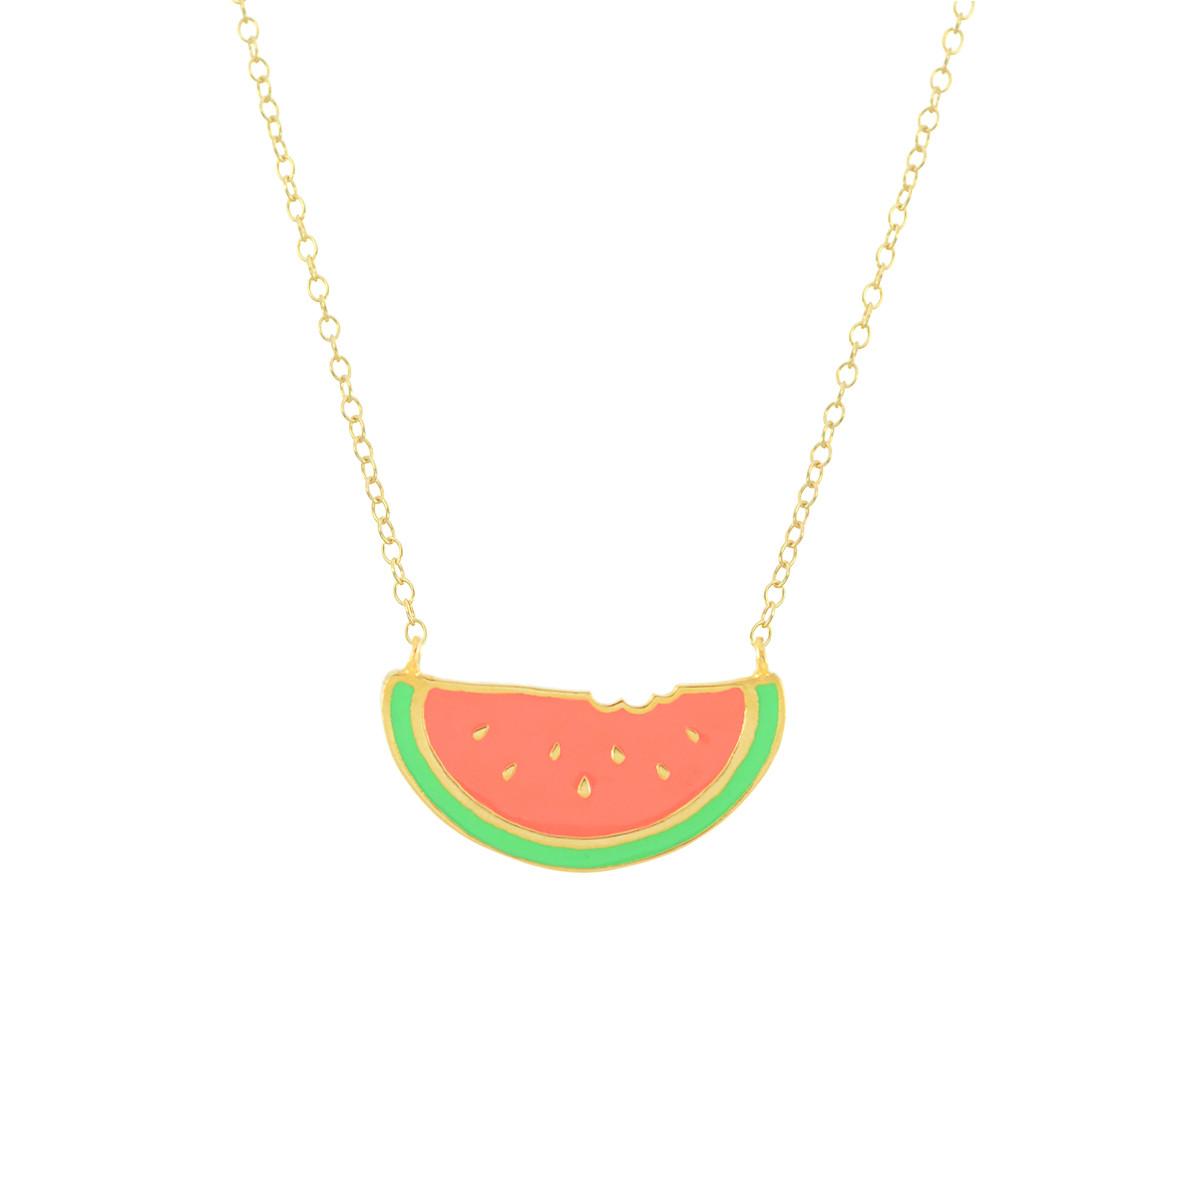 watermelon gold necklace virginie millefiori